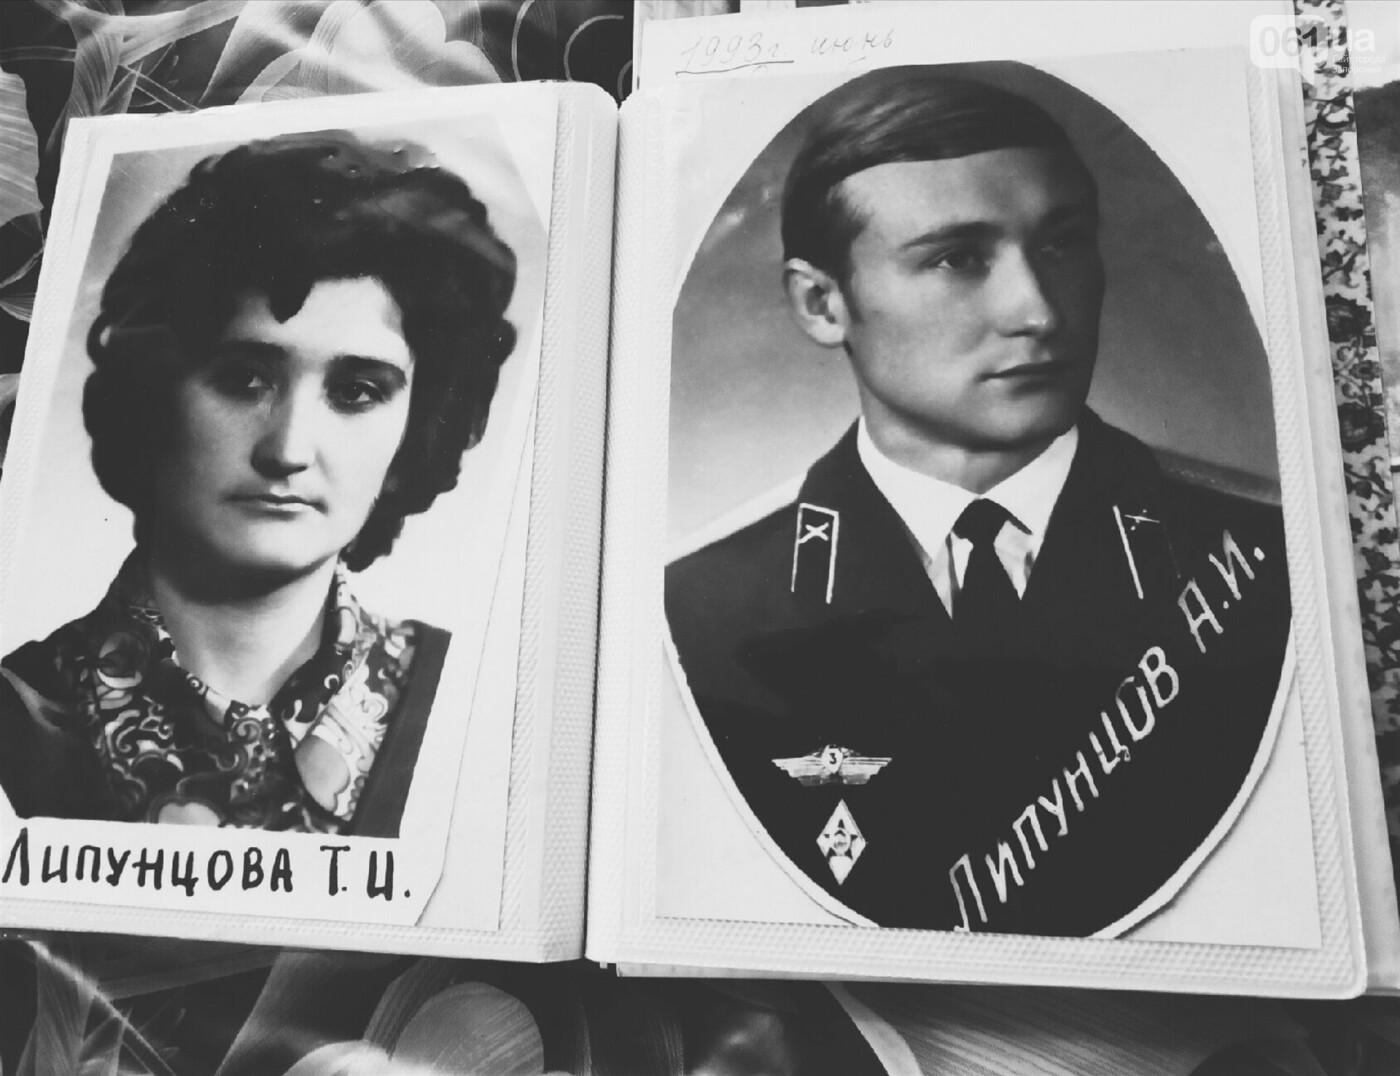 Житель Запорожья отметил 100-летний юбилей, - ФОТО, фото-2